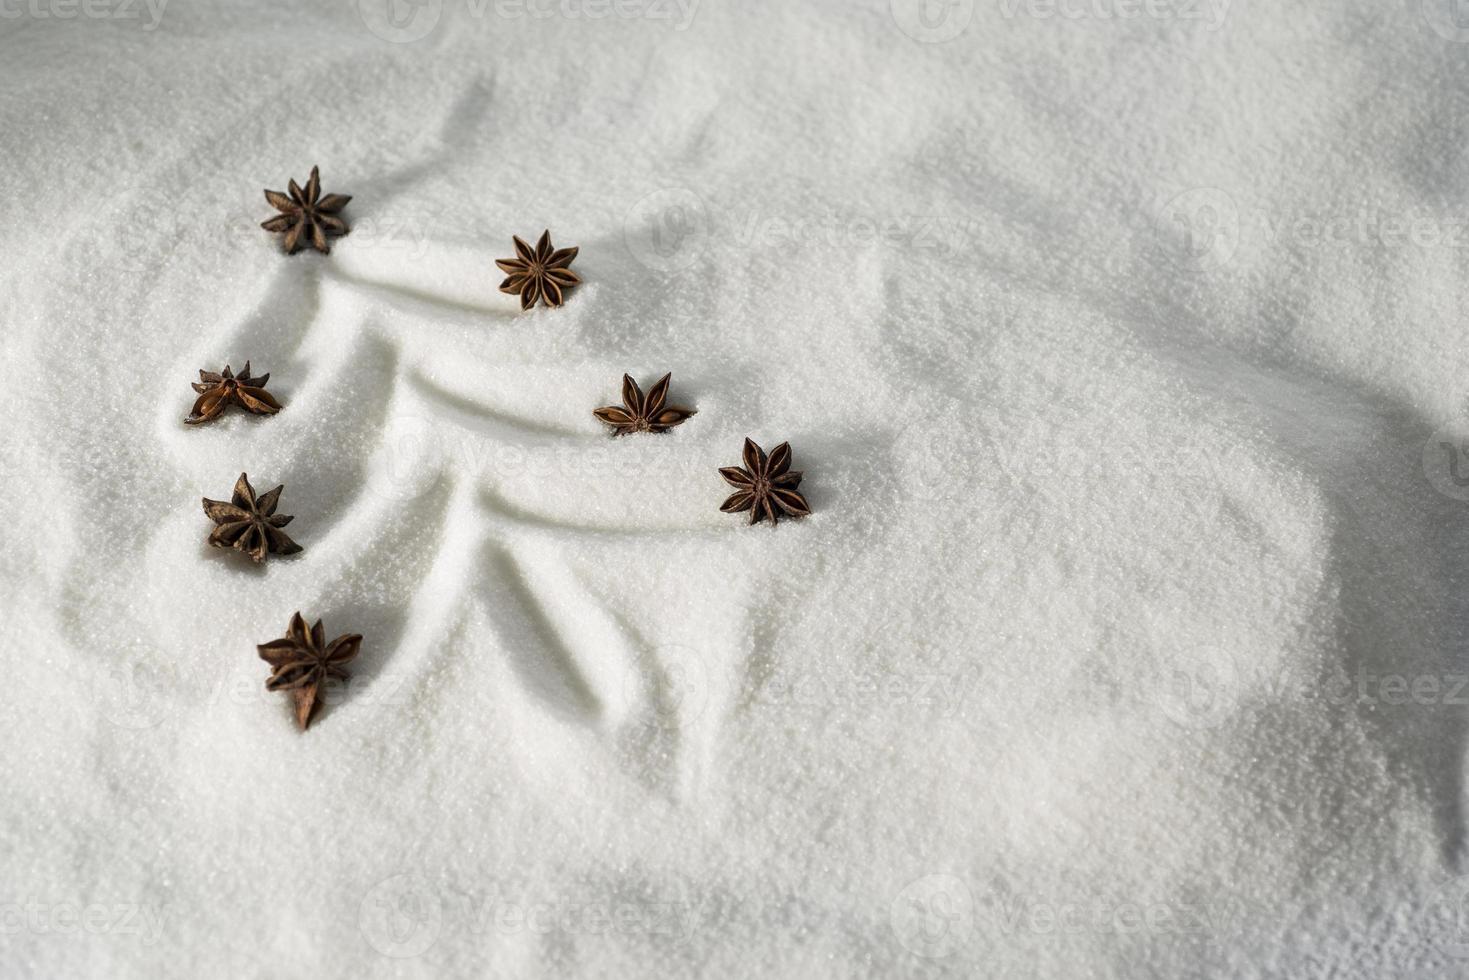 kerstboom getekend in sneeuw foto